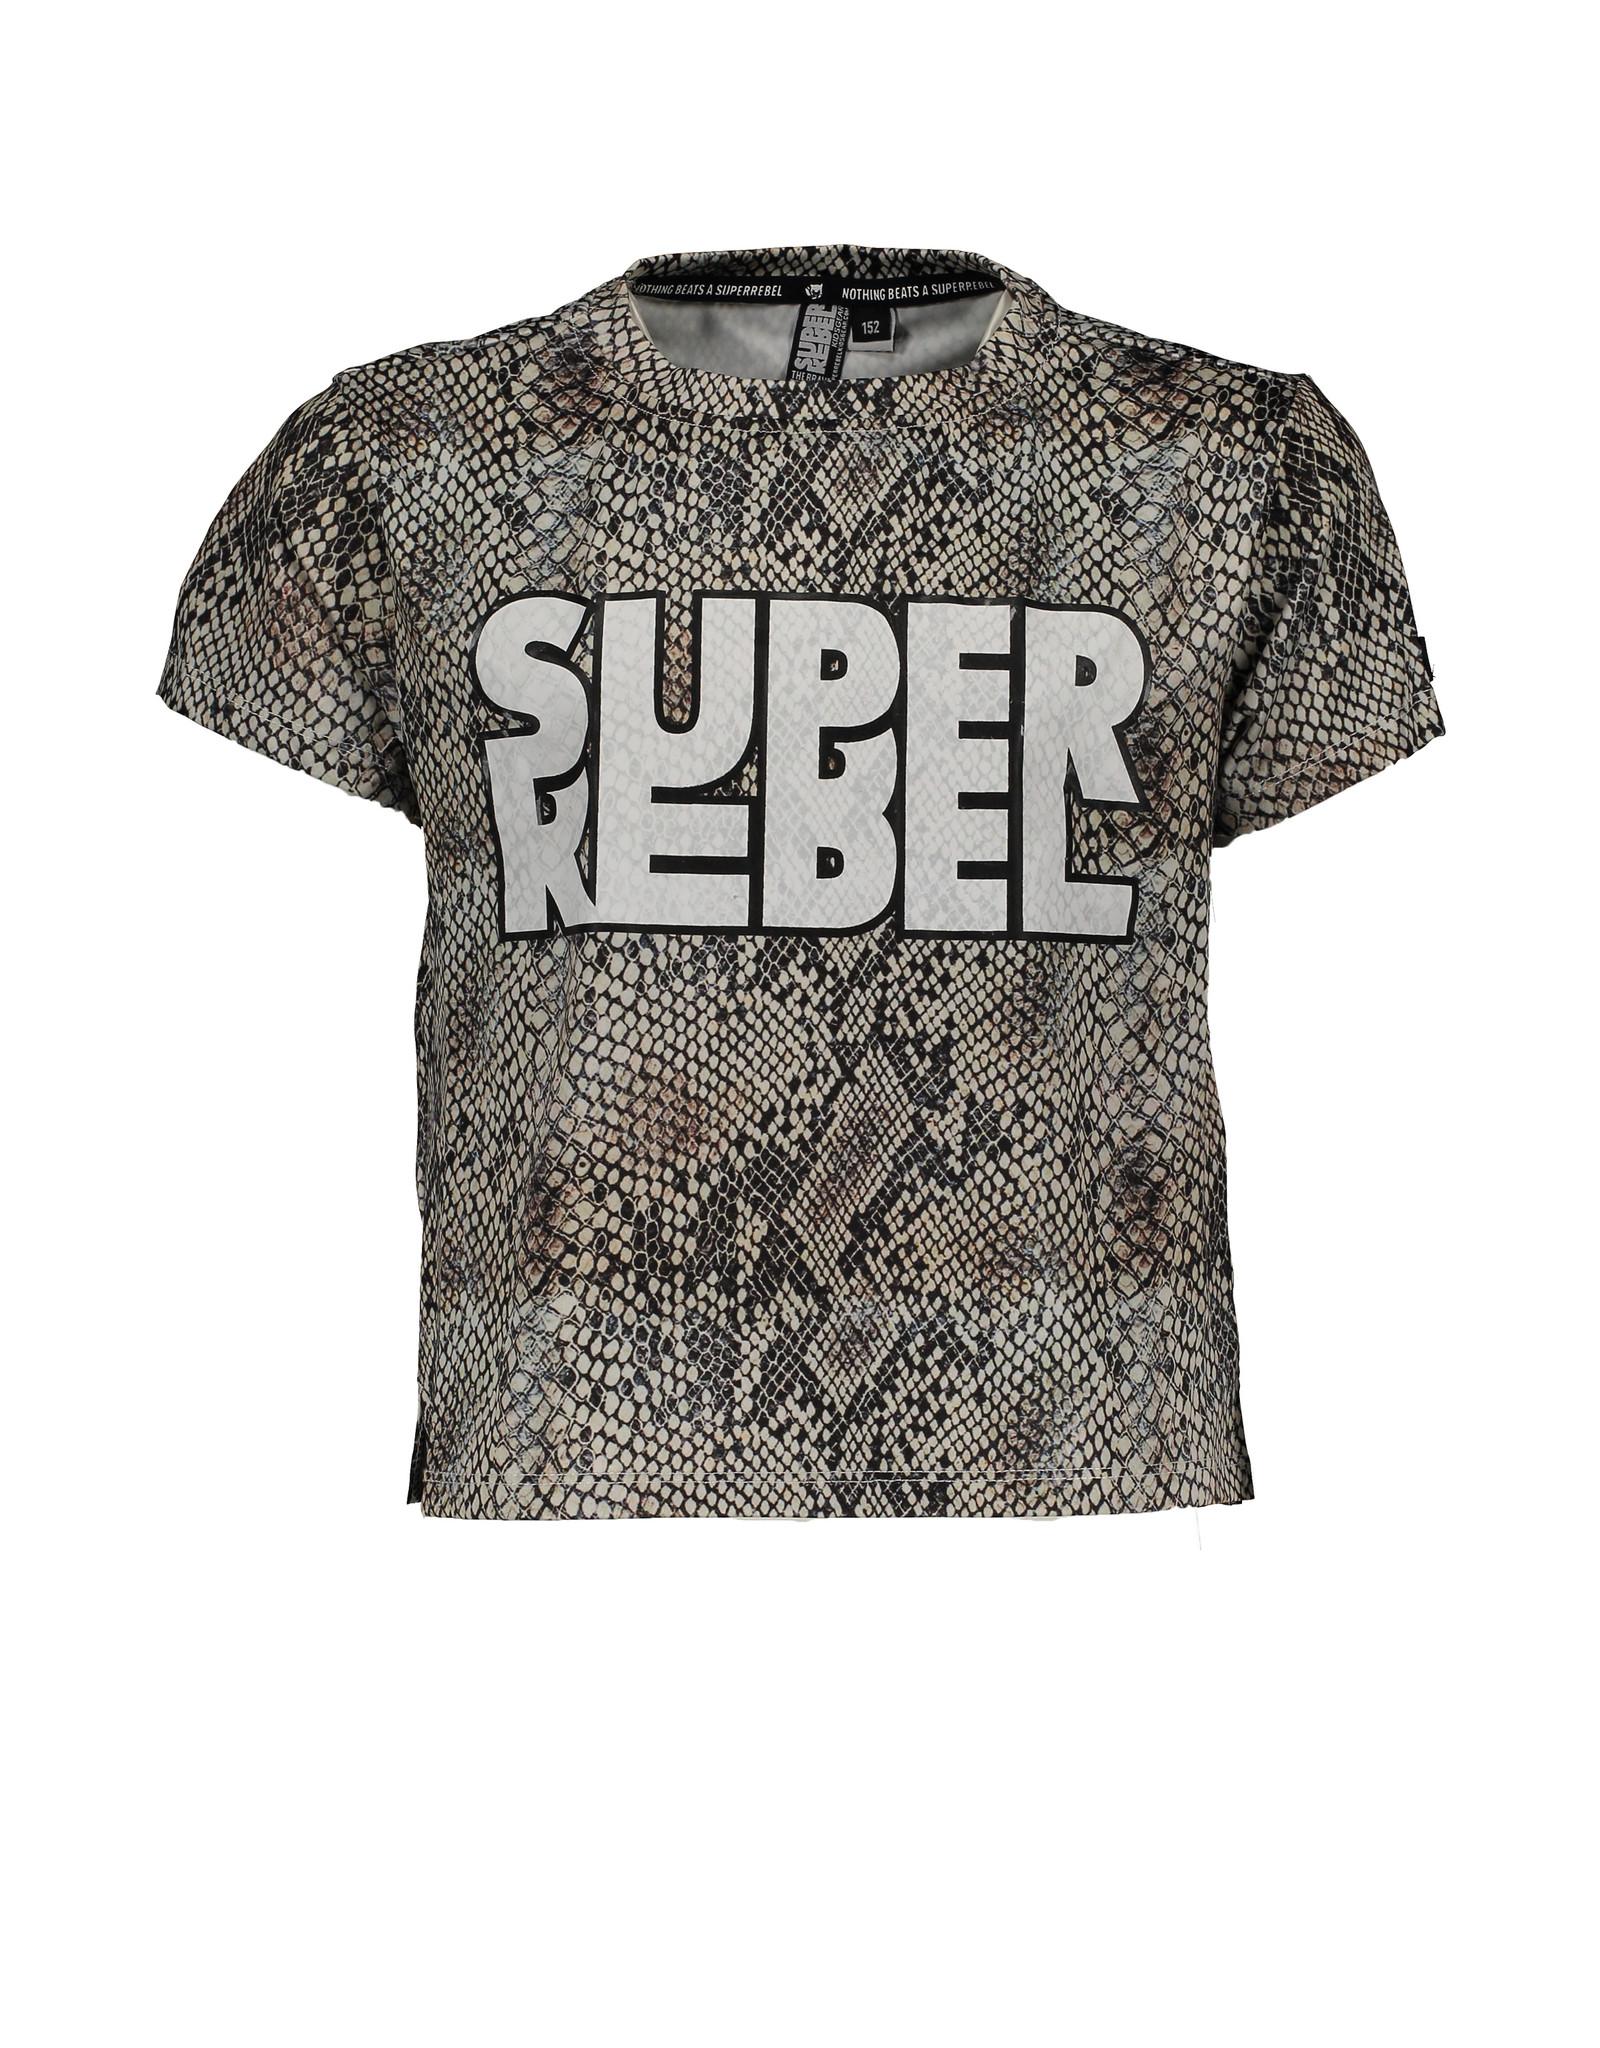 Super Rebel Super Rebel Girls Active T-shirt + Print all over NATURAL SNAKE